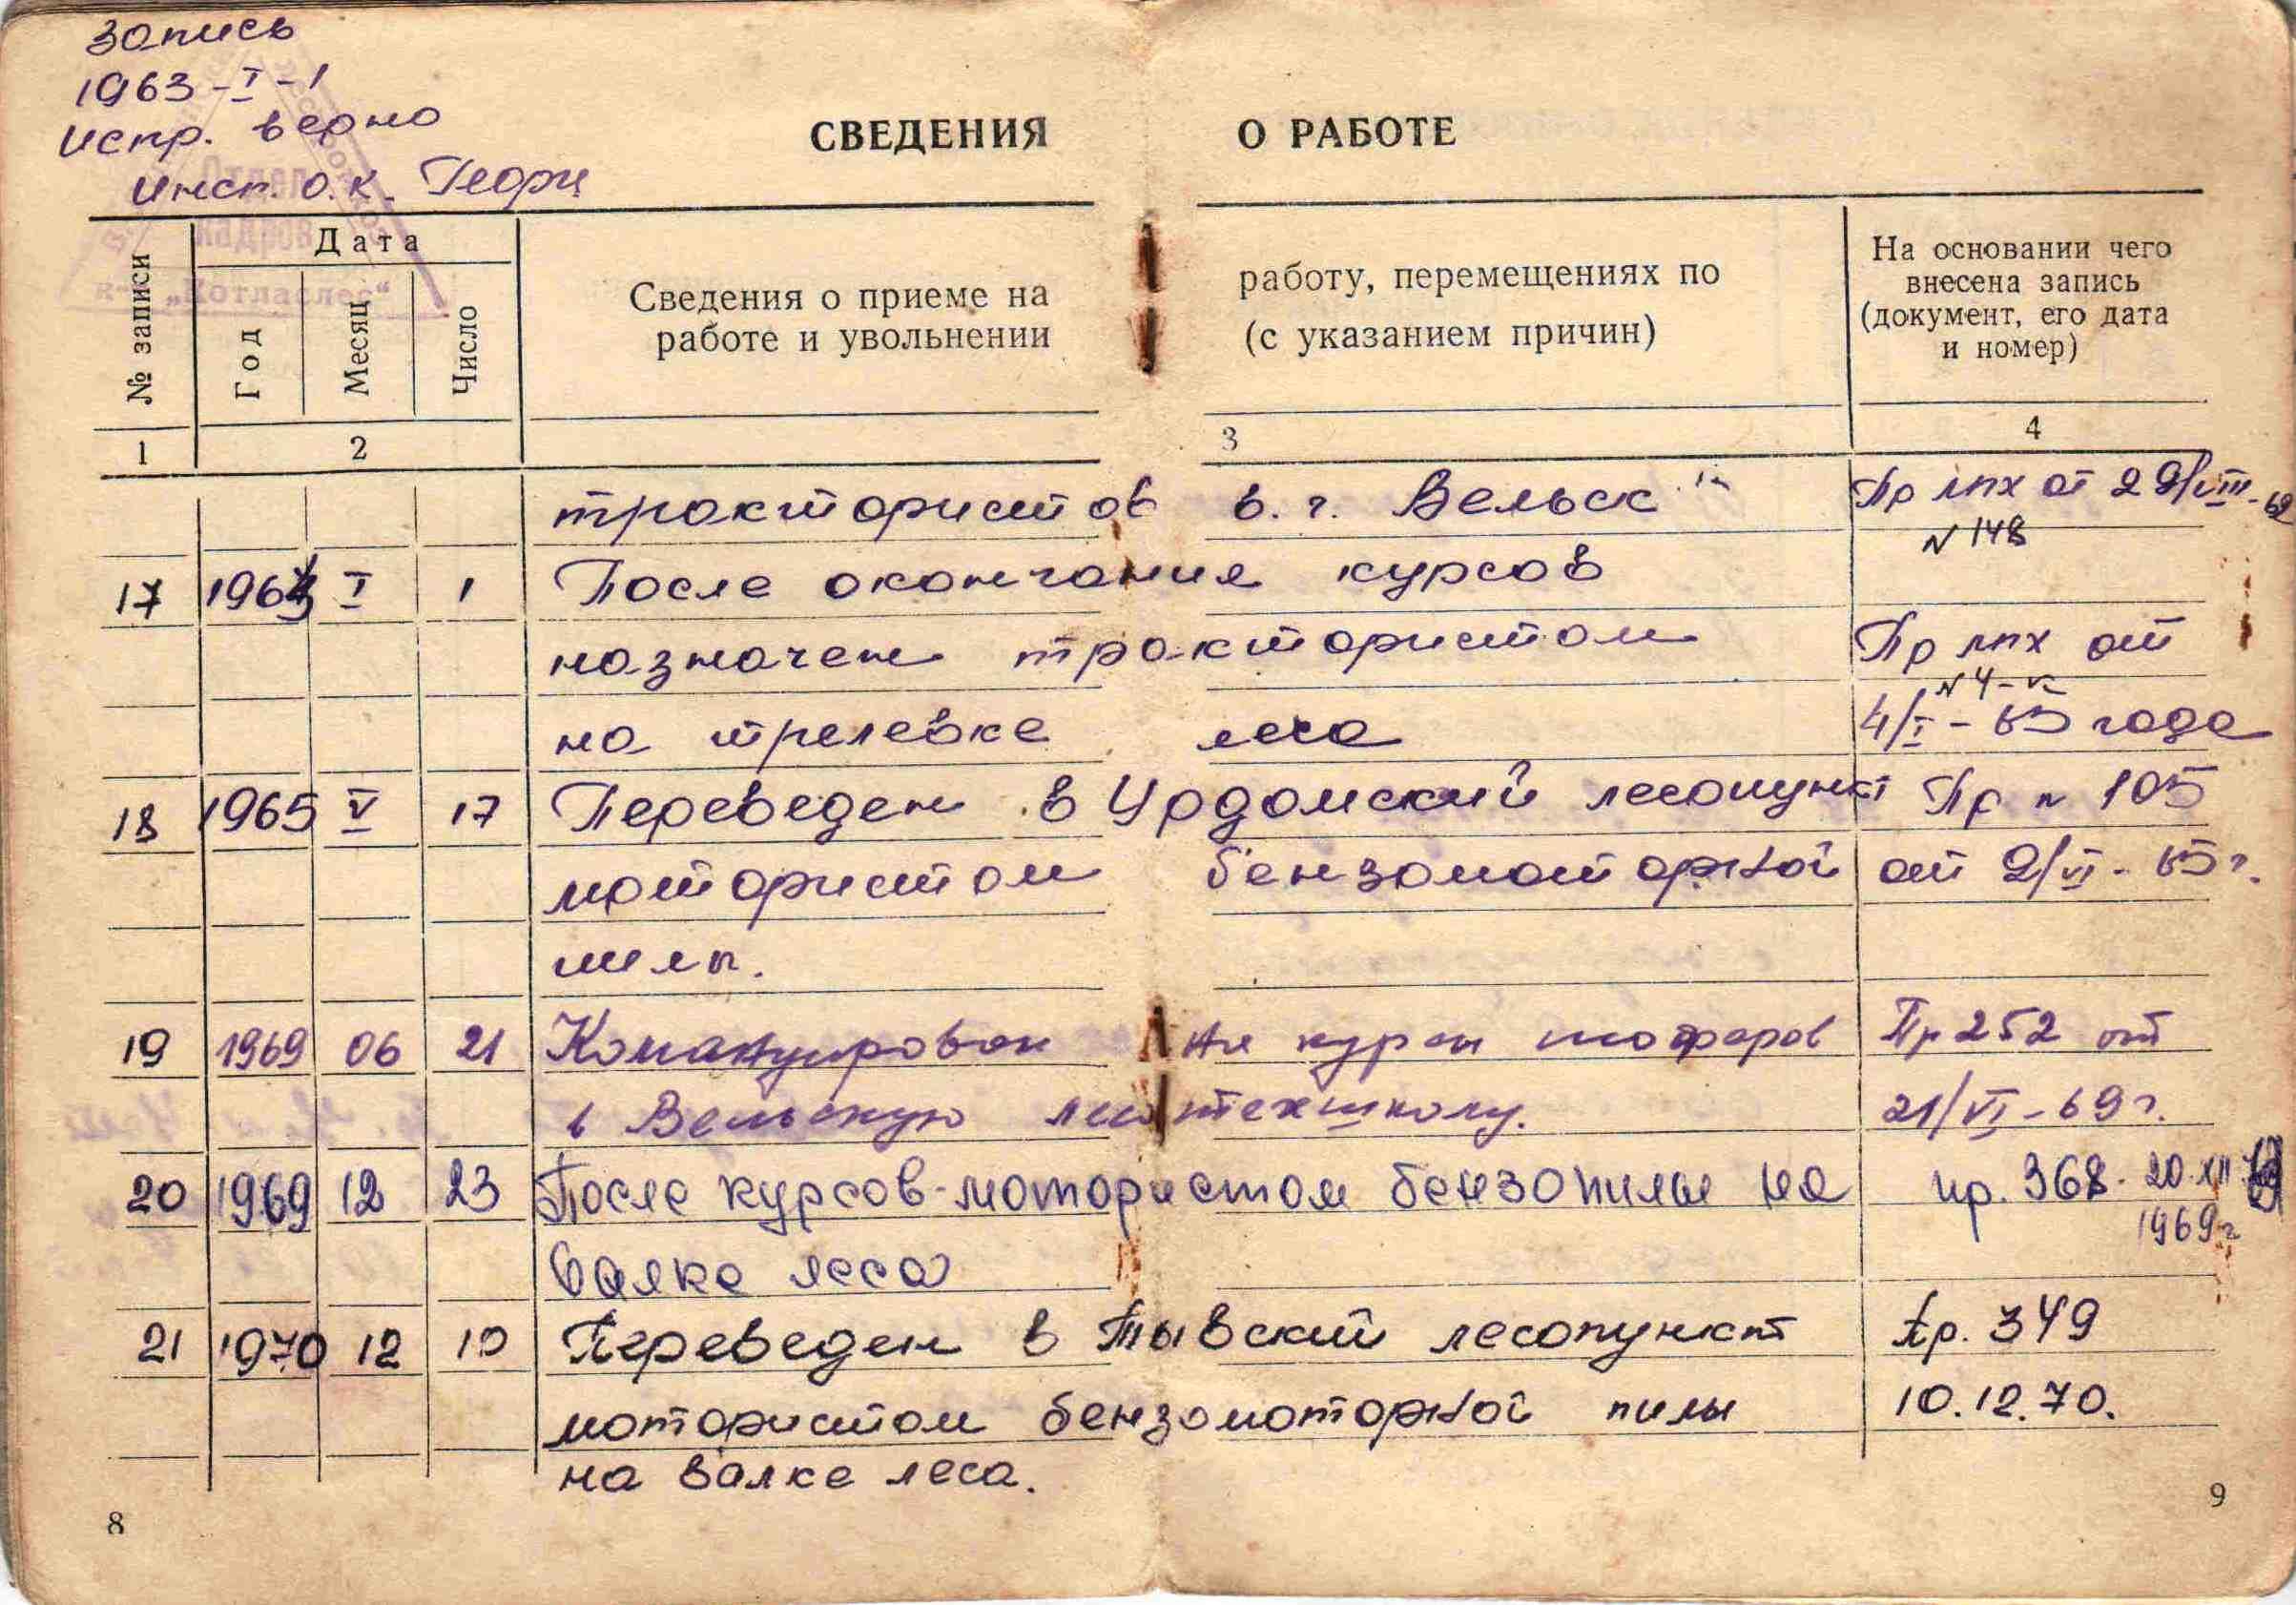 5. Трудовая книжка, 1954г.